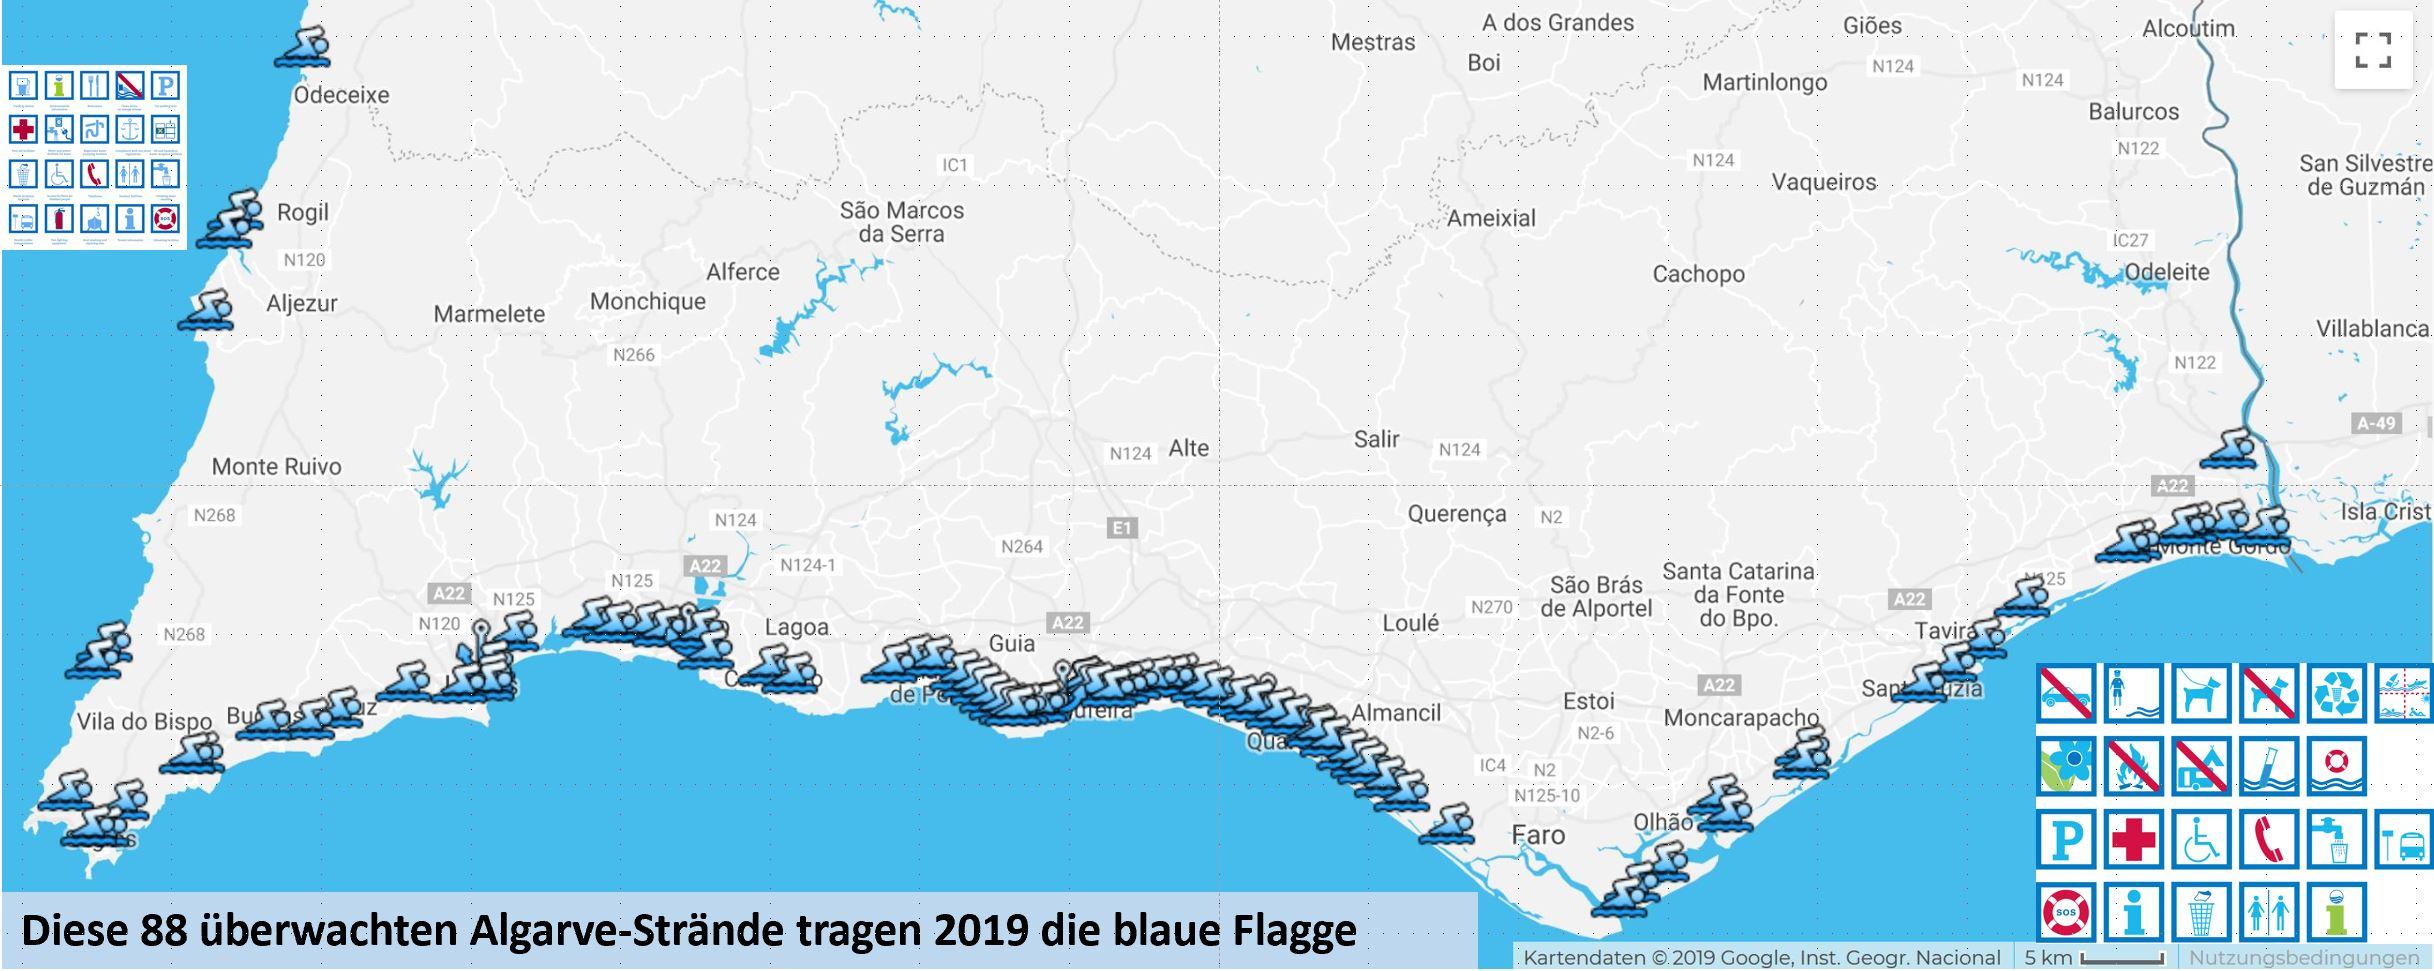 Strandqualität an der Algarve gesichert duch 88 blaue Flaggen